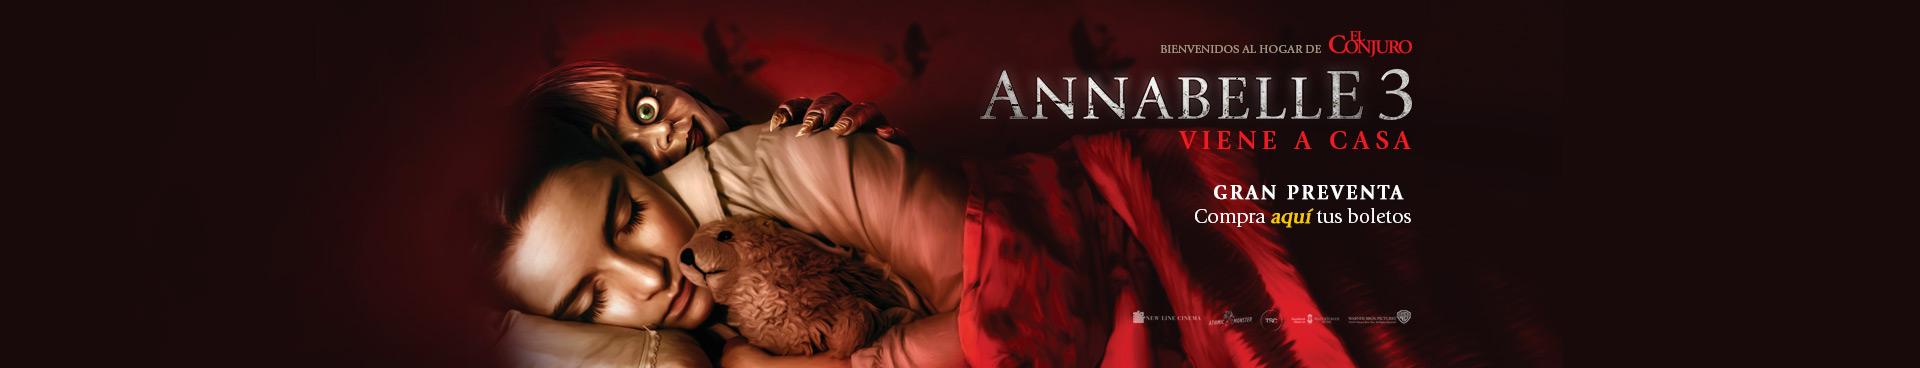 Preventa: Annabelle 3: Viene a Casa